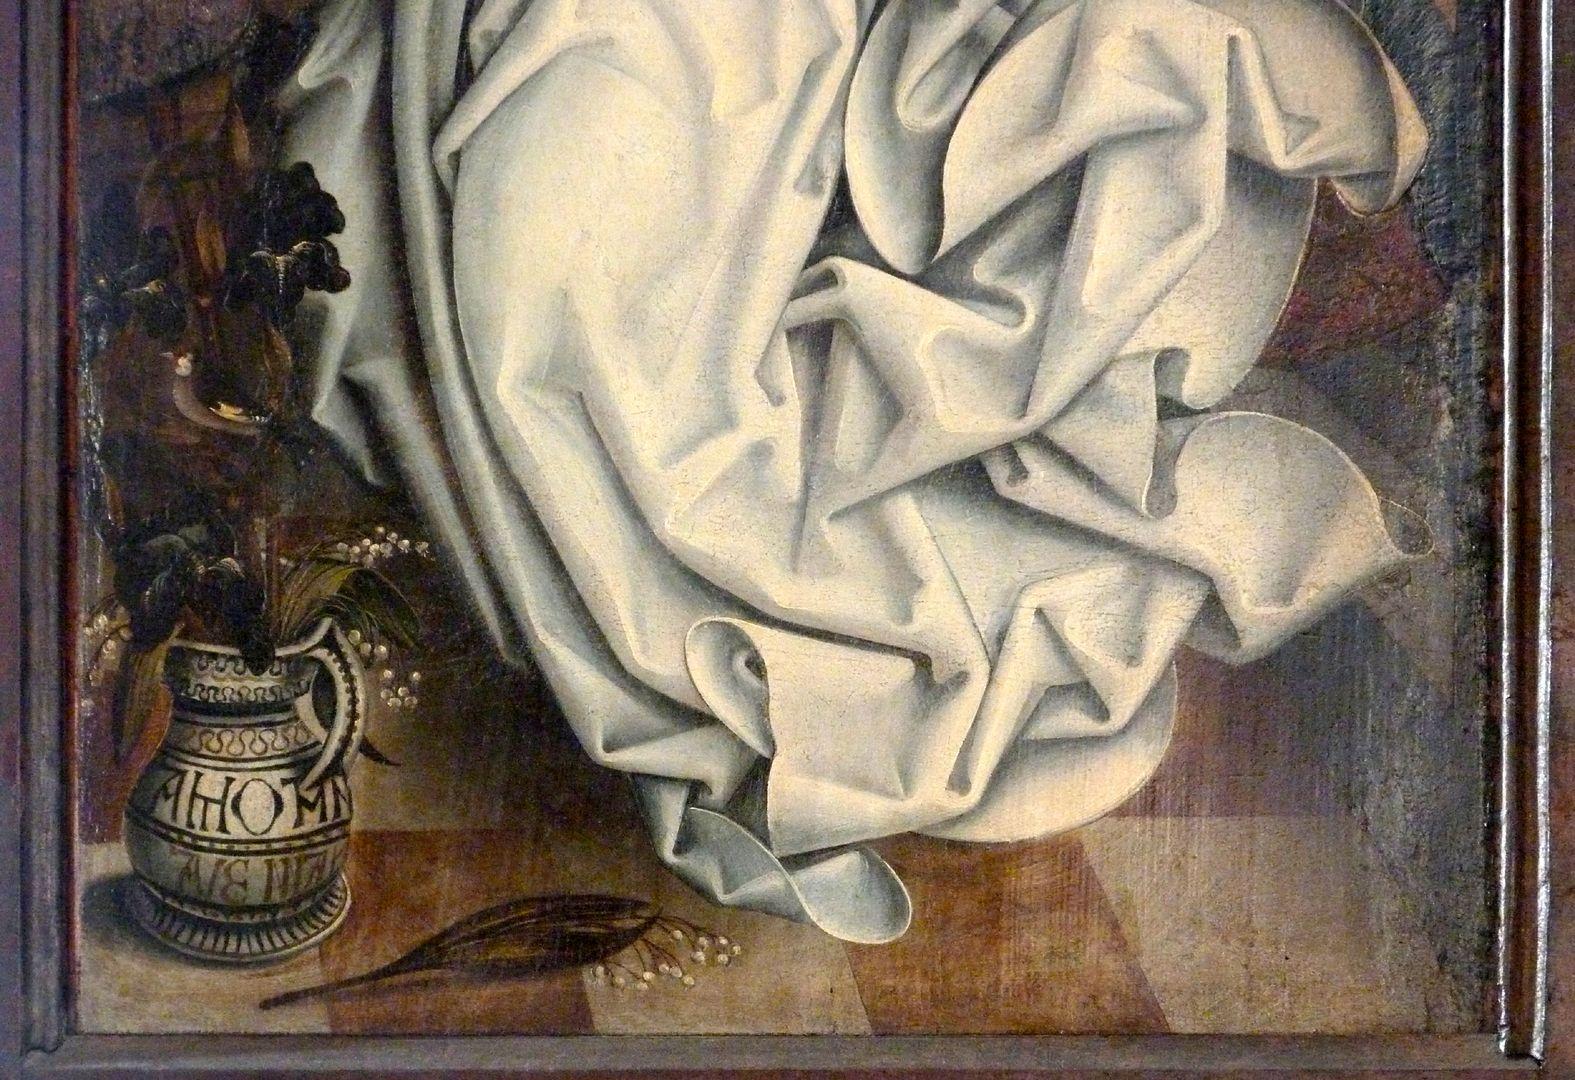 Ständetafel und Verkündigungsengel Außenseite, unteres Drittel, Lilienkrug und Gewandfalten des Verkündigungsengels